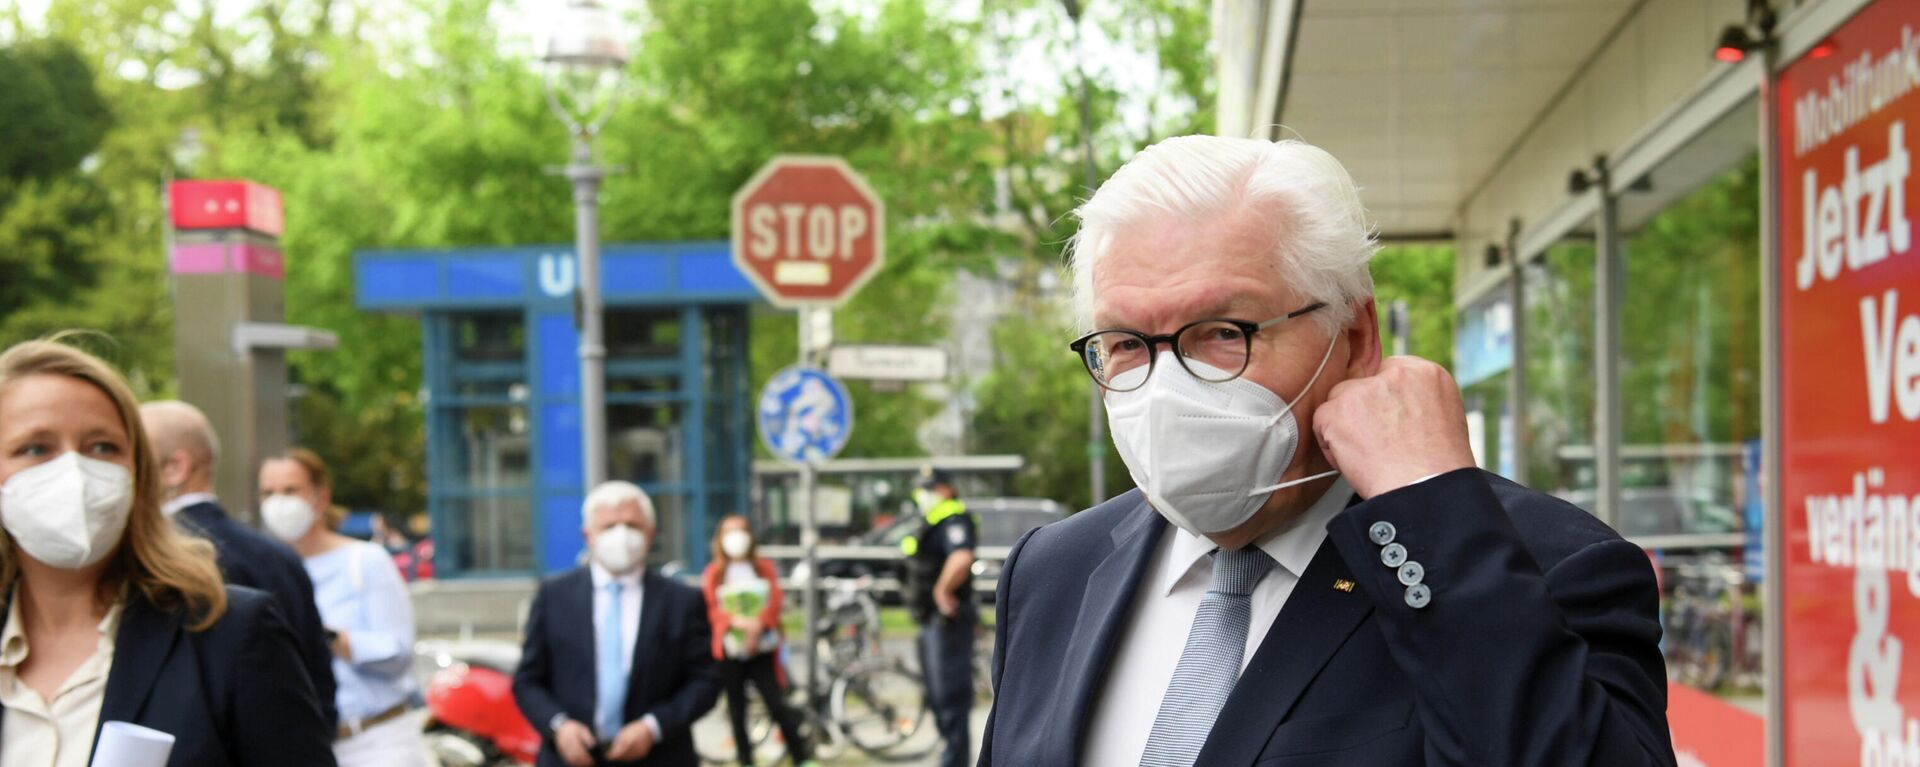 Bundespräsident Frank-Walter Steinmeier passt seine Gesichtsmaske an, während er nach einem Besuch in einer Arztpraxis im Berliner Bezirk Moabit in Berlin mit den Medien spricht, den 11. Mai 2021.  - SNA, 1920, 14.05.2021